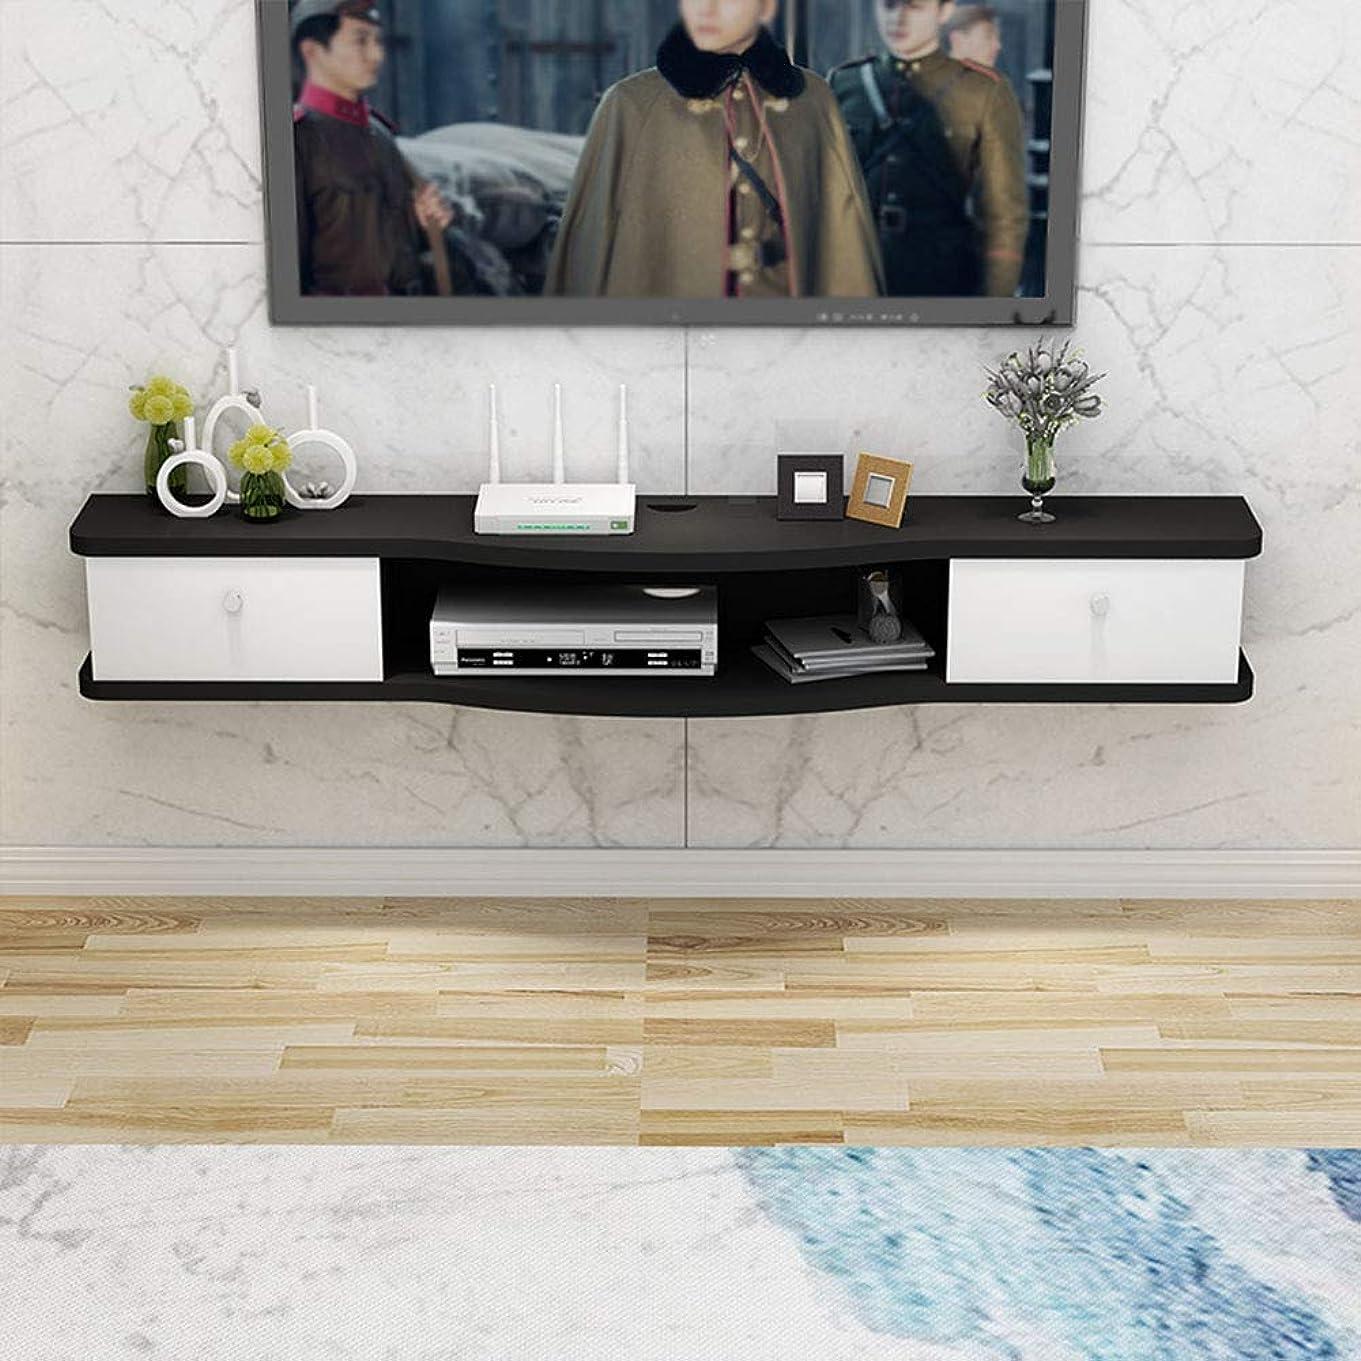 男らしさすり果てしない壁掛けテレビキャビネット、多機能収納棚、壁掛けエンターテイメントユニット、白/黒